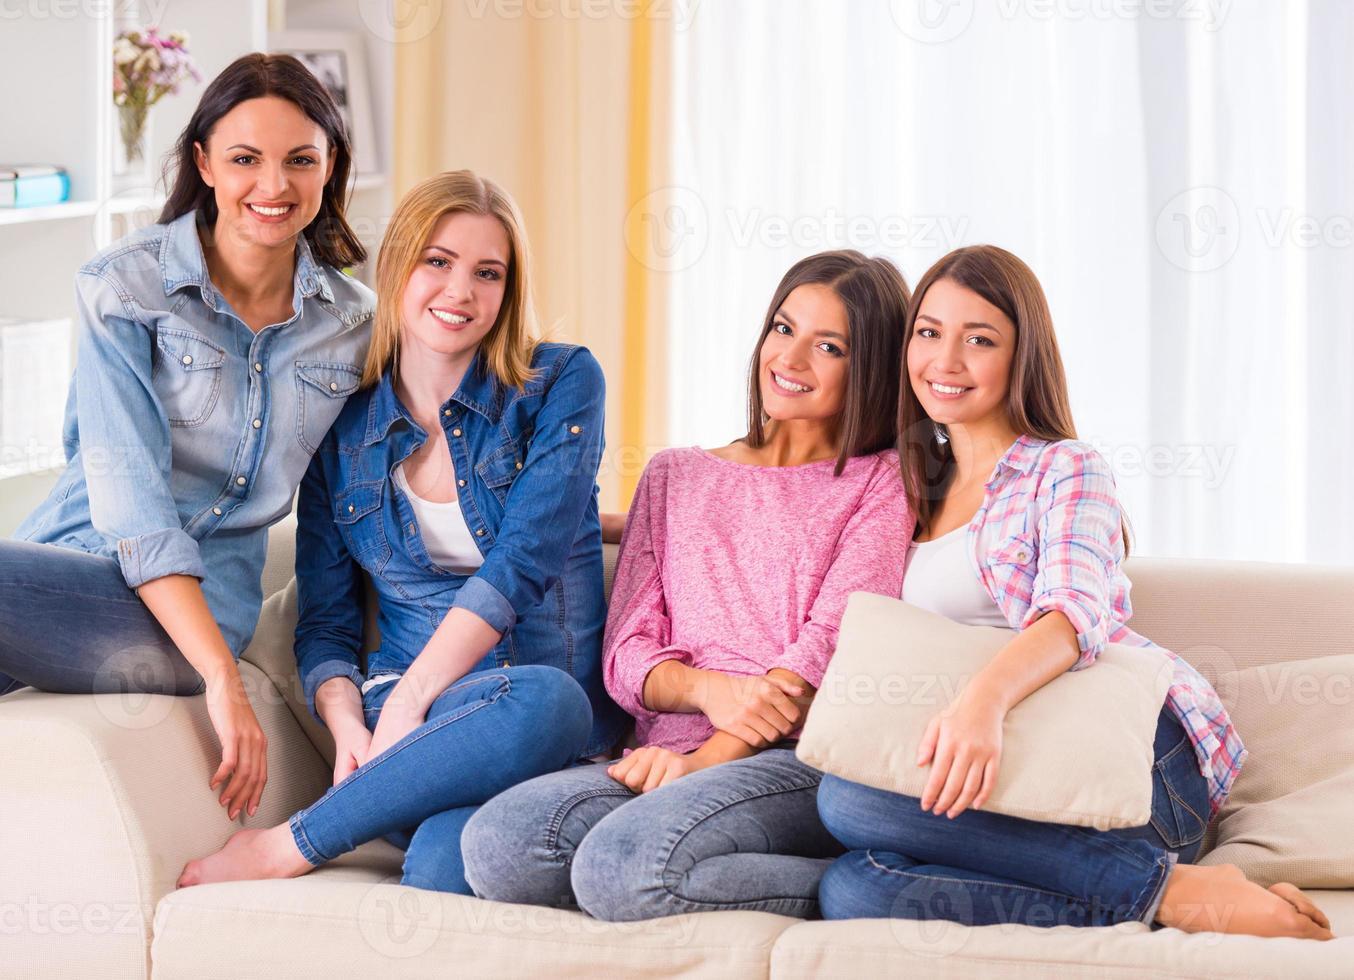 groep meisjes foto